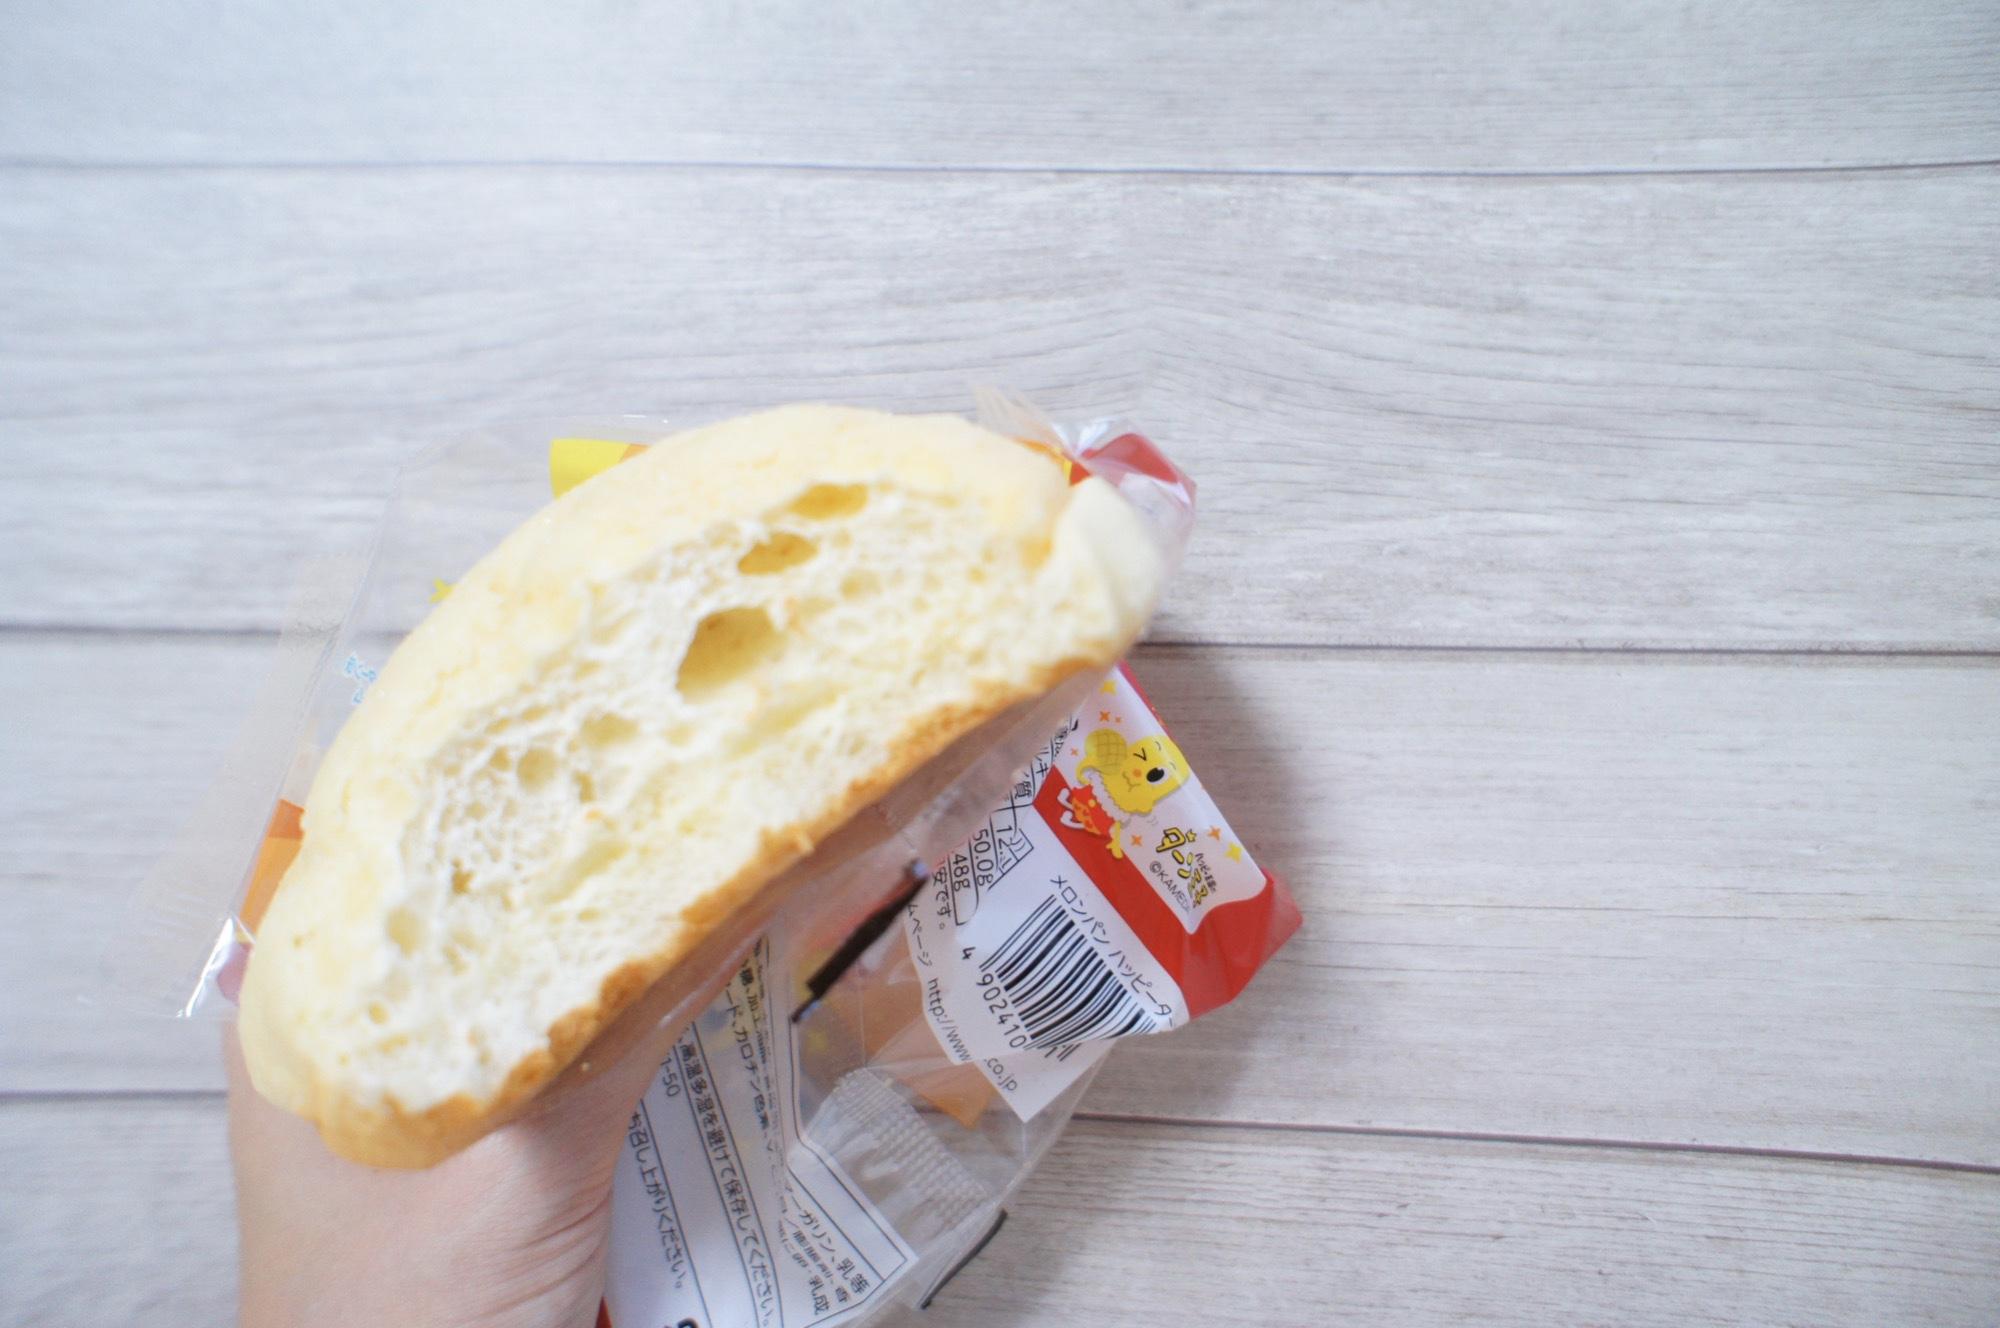 《どんな味?!》セブン-イレブン限定❤️【ハッピーターンメロンパン】を食べてみました☻_3